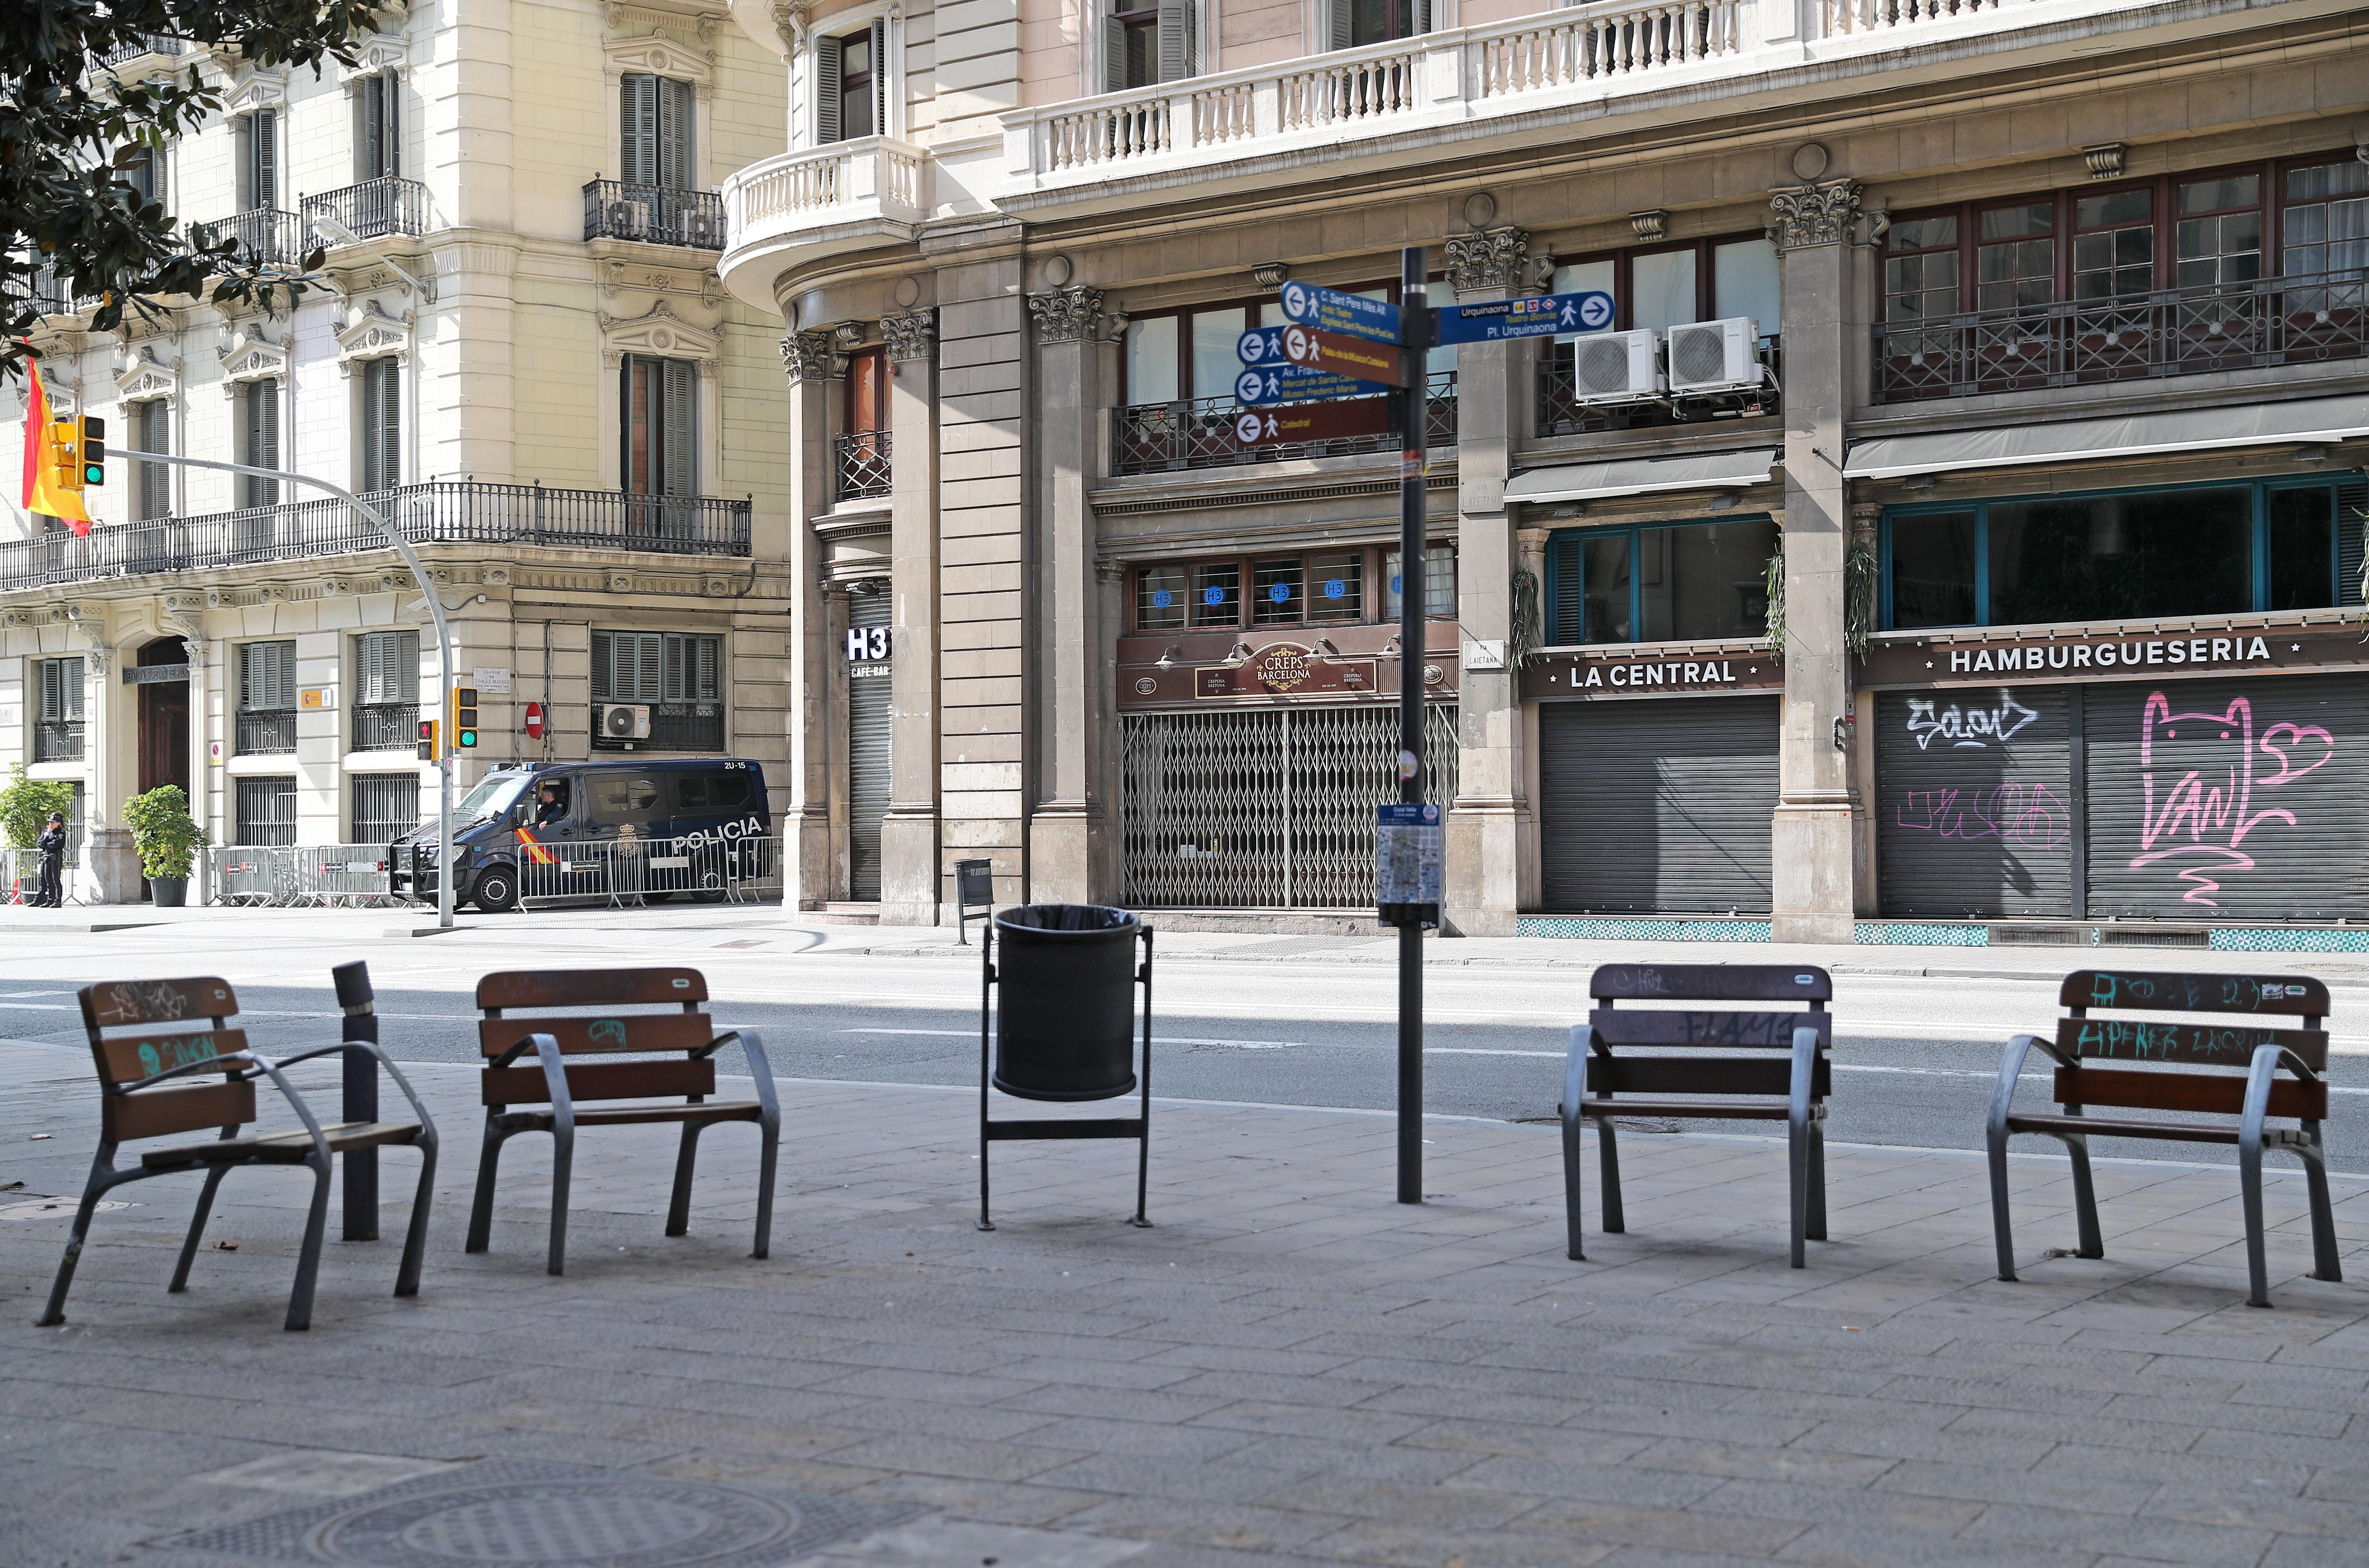 Koronavírus: Barcelonában megint bezárják a szórakozóhelyeket, és arra kérik az embereket, maradjanak otthon